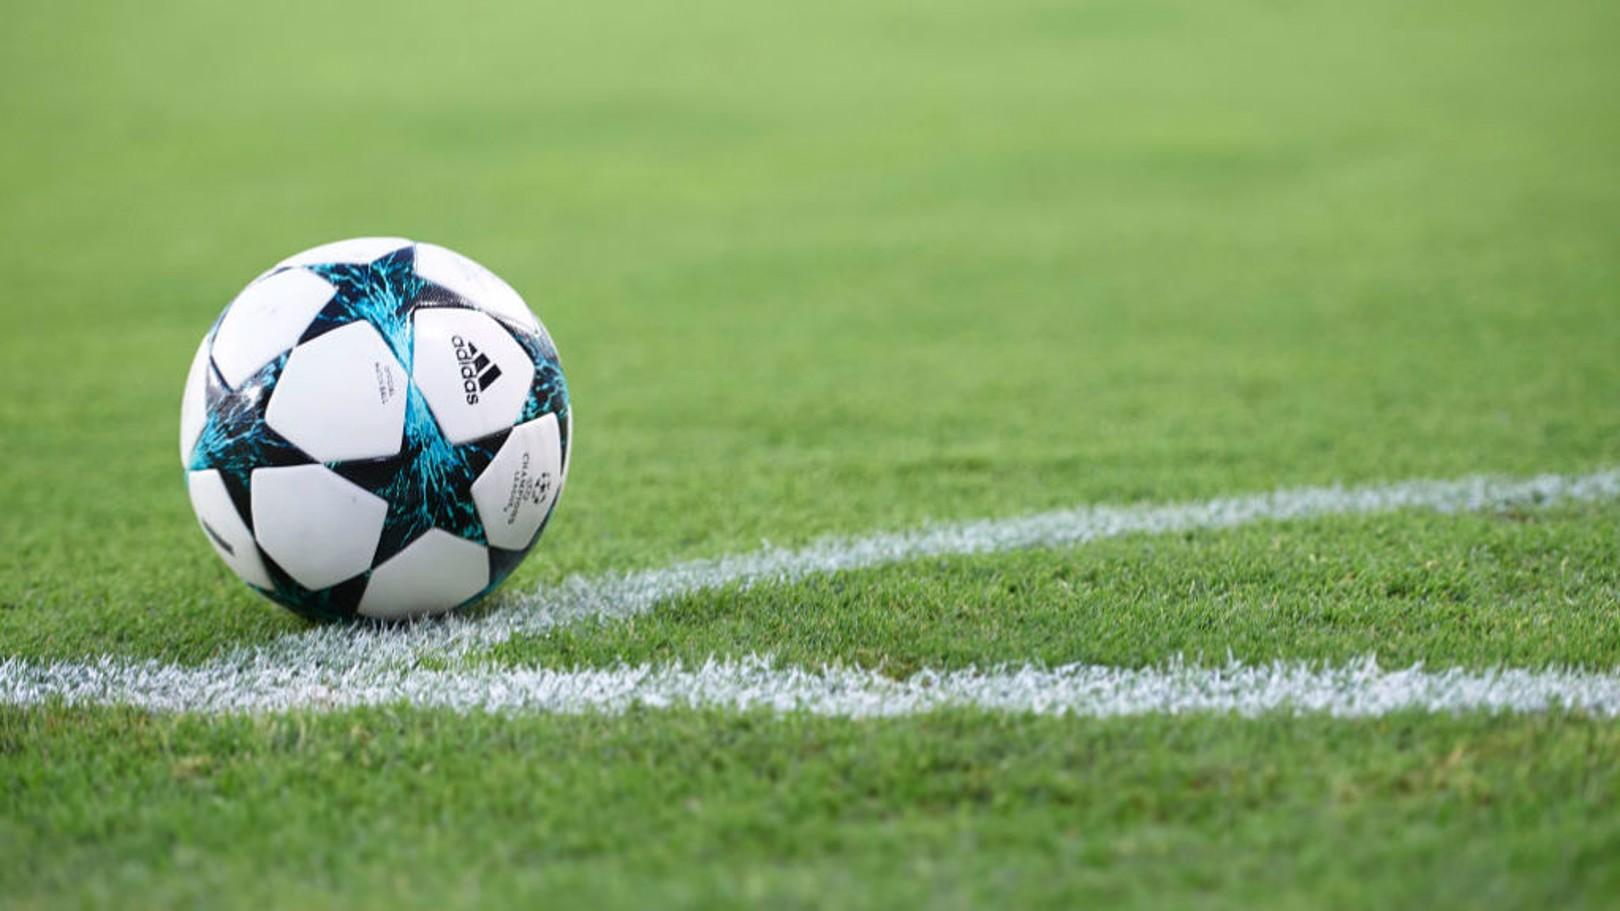 CHAMPIONS LEAGUE: Les dates des matches de City dans ce Groupe F confirmées.